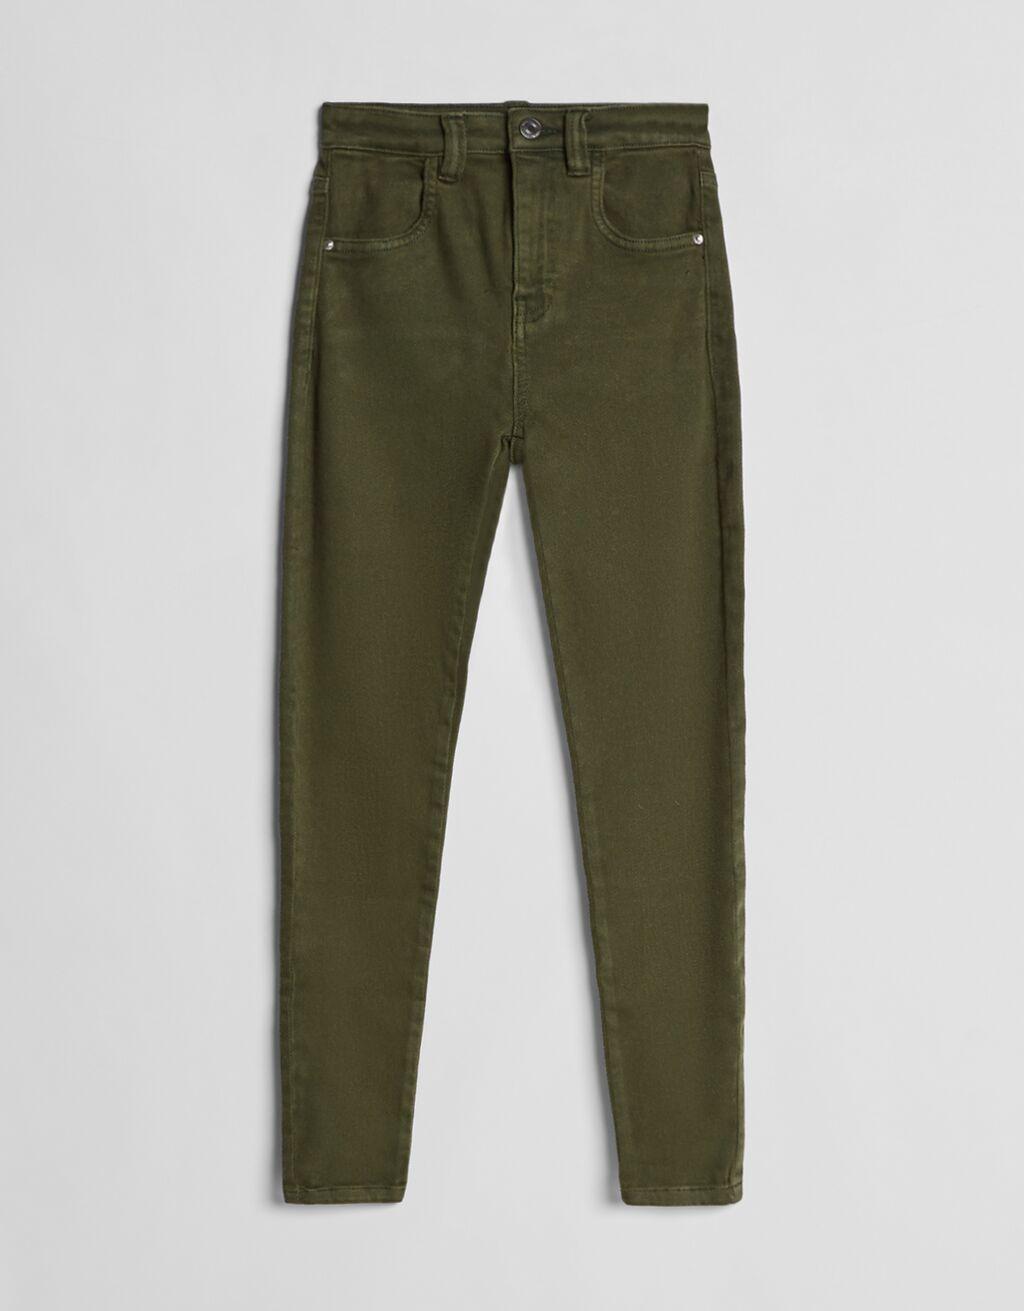 Carrie Bradshaw parecía más alta con estos pantalones de Bershka de 7,99 euros